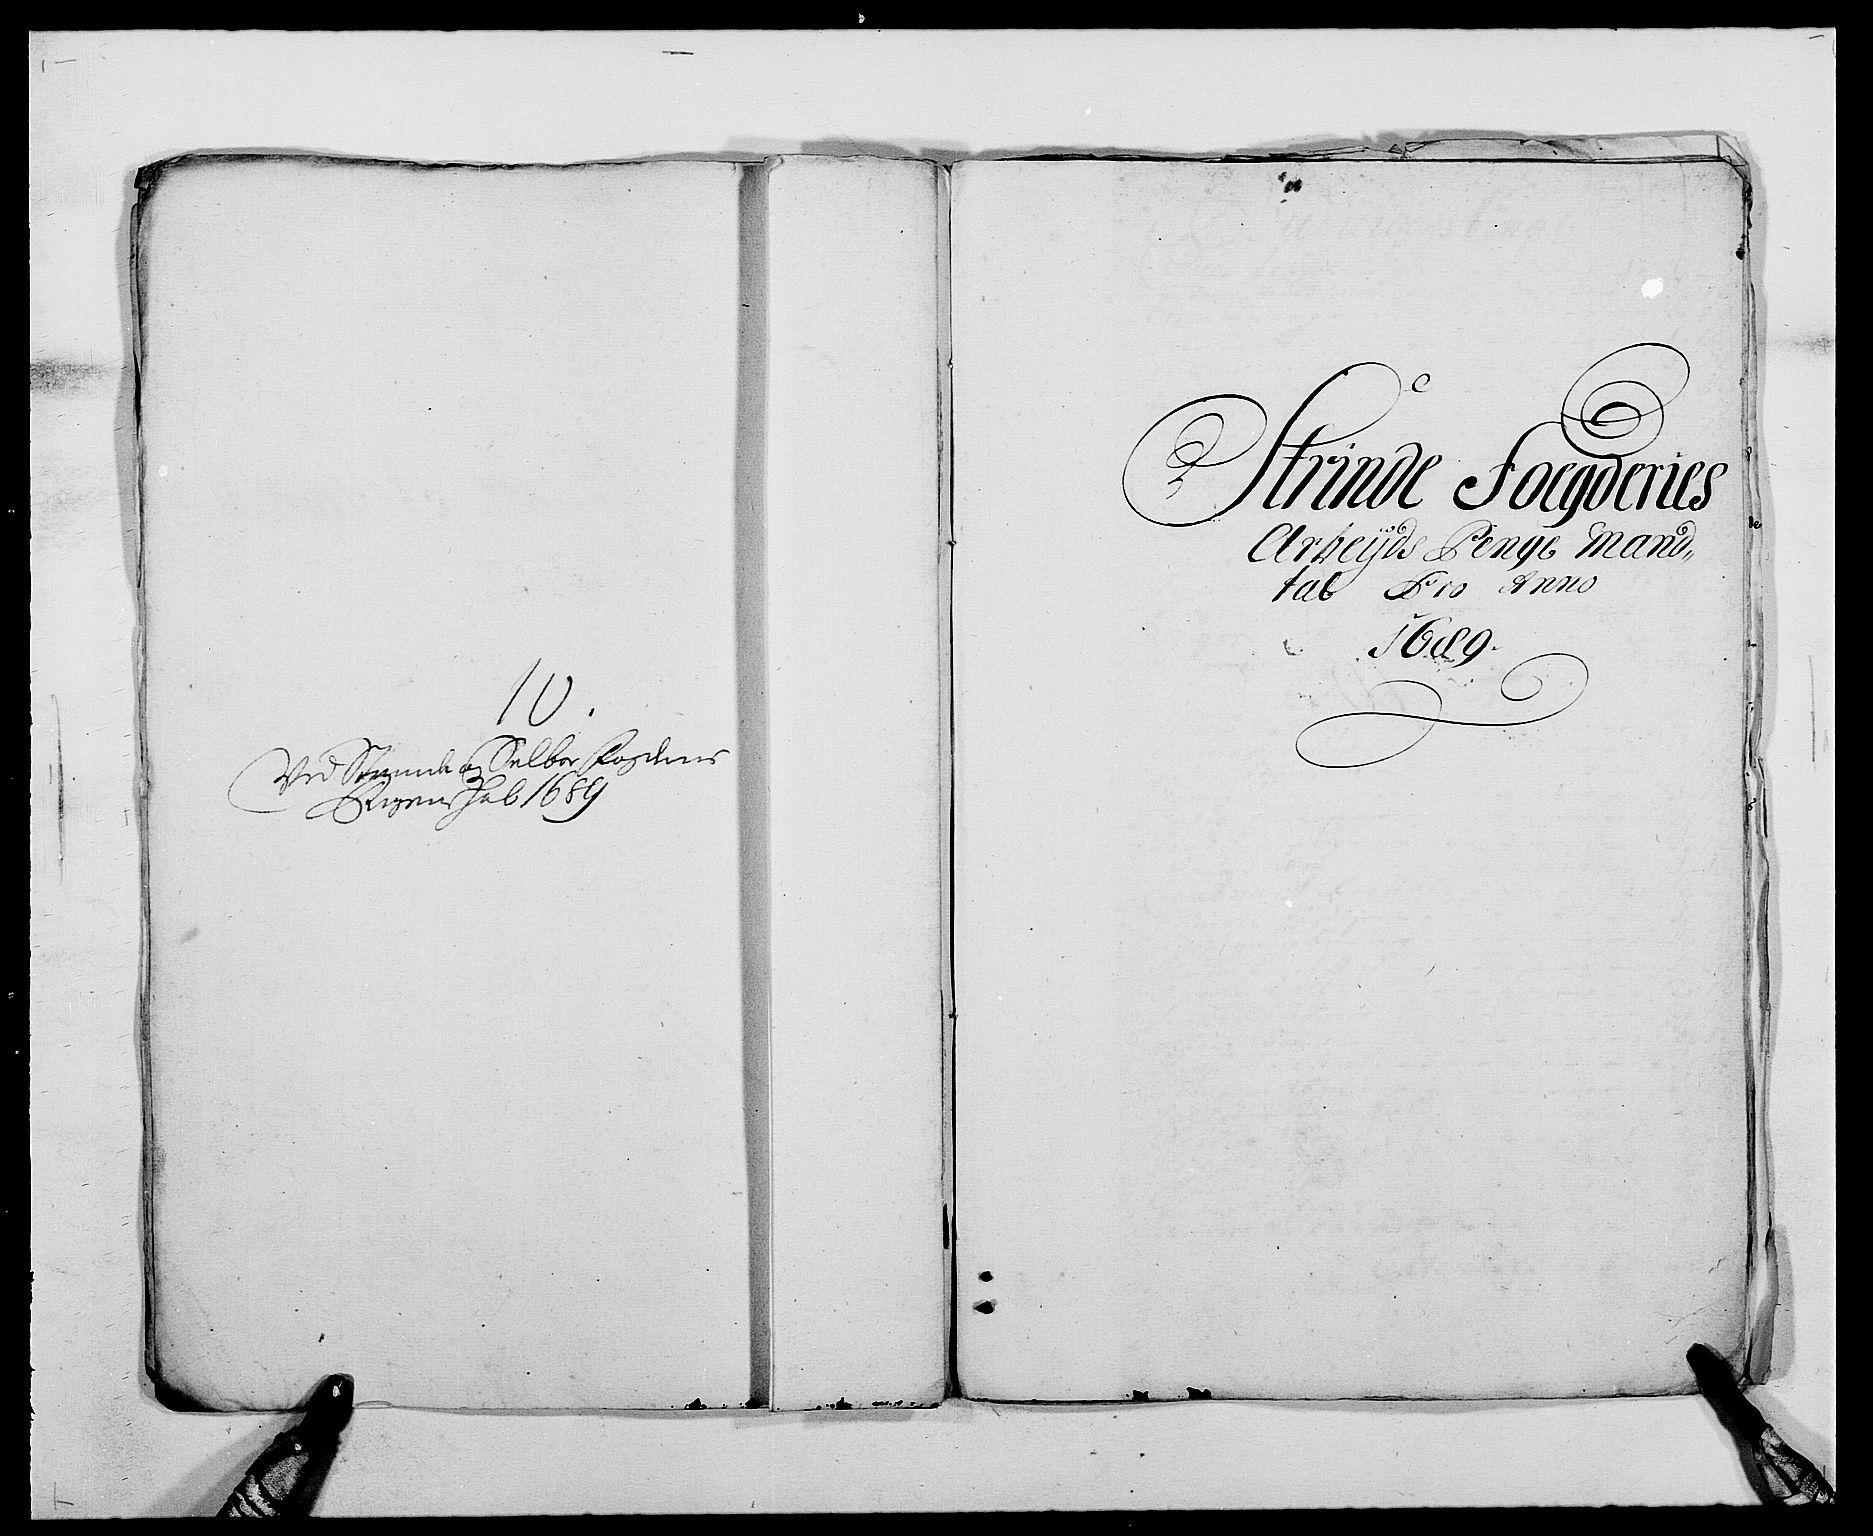 RA, Rentekammeret inntil 1814, Reviderte regnskaper, Fogderegnskap, R61/L4102: Fogderegnskap Strinda og Selbu, 1689-1690, s. 62